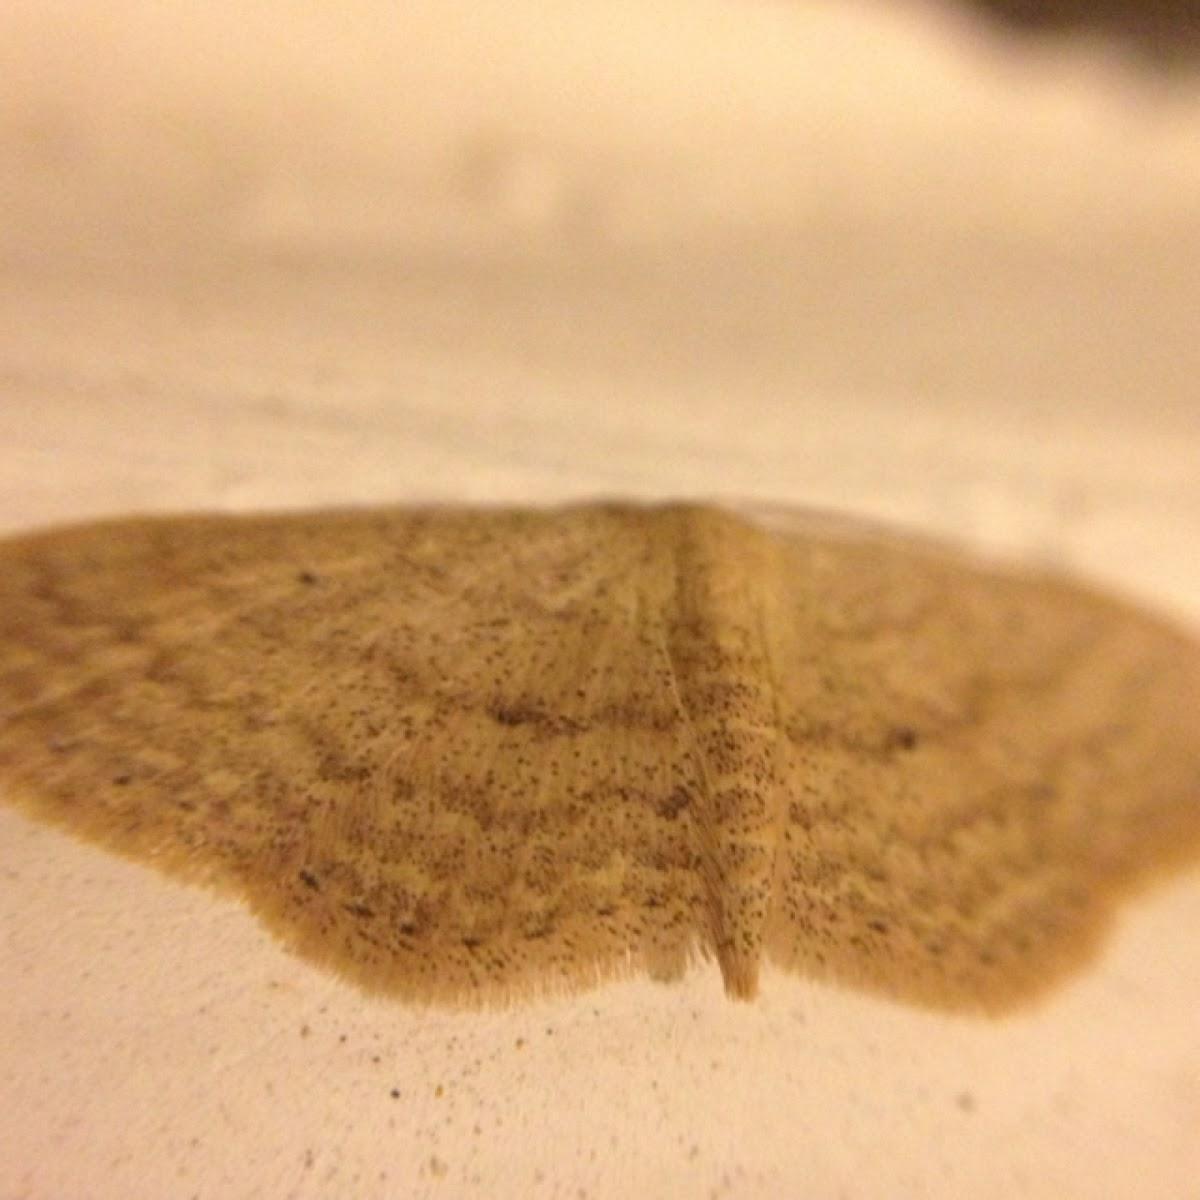 White Pale Moth